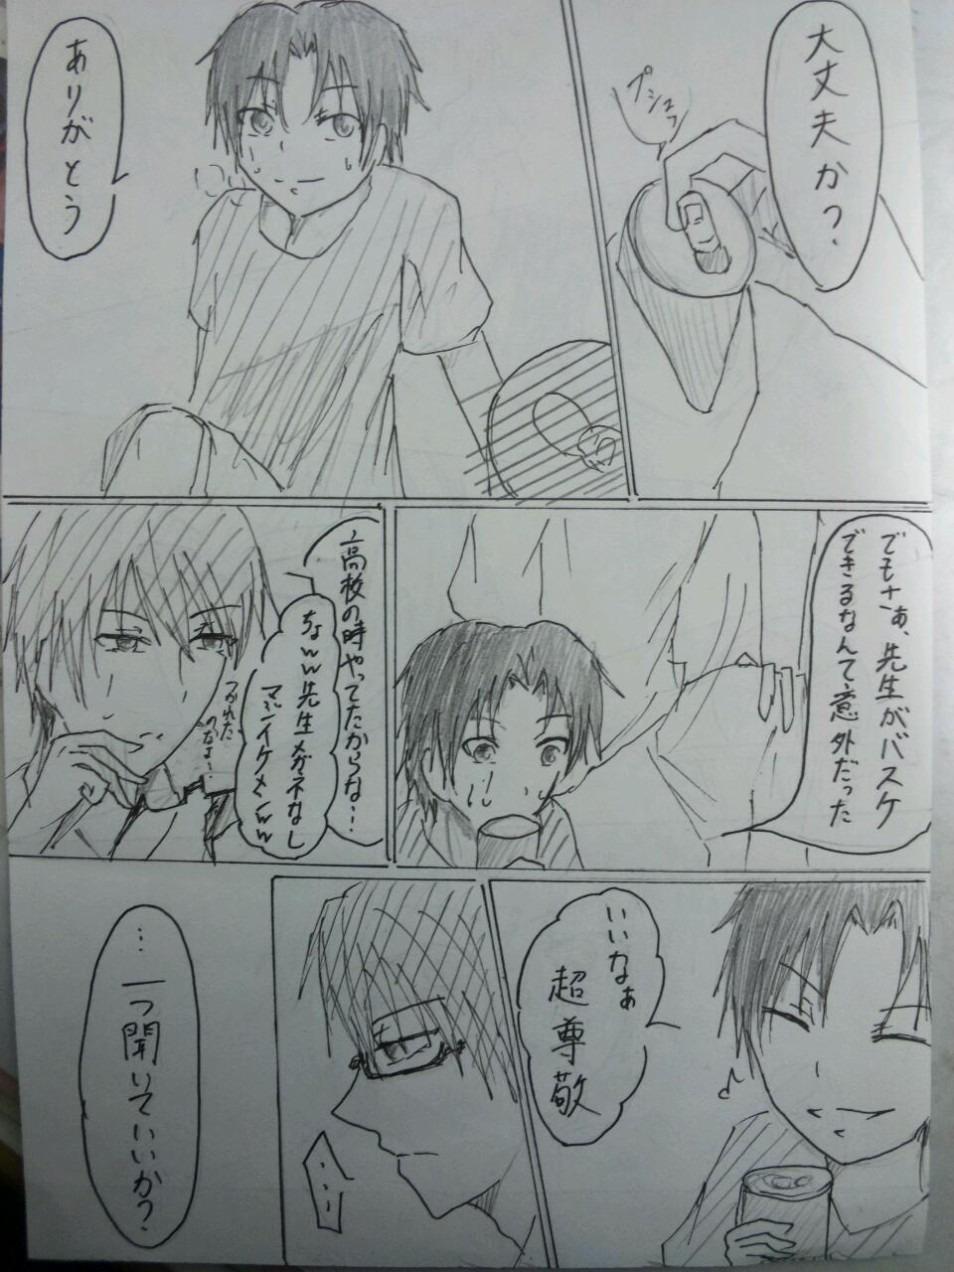 ホークアイ (マーベル・コミック)の画像 p1_31